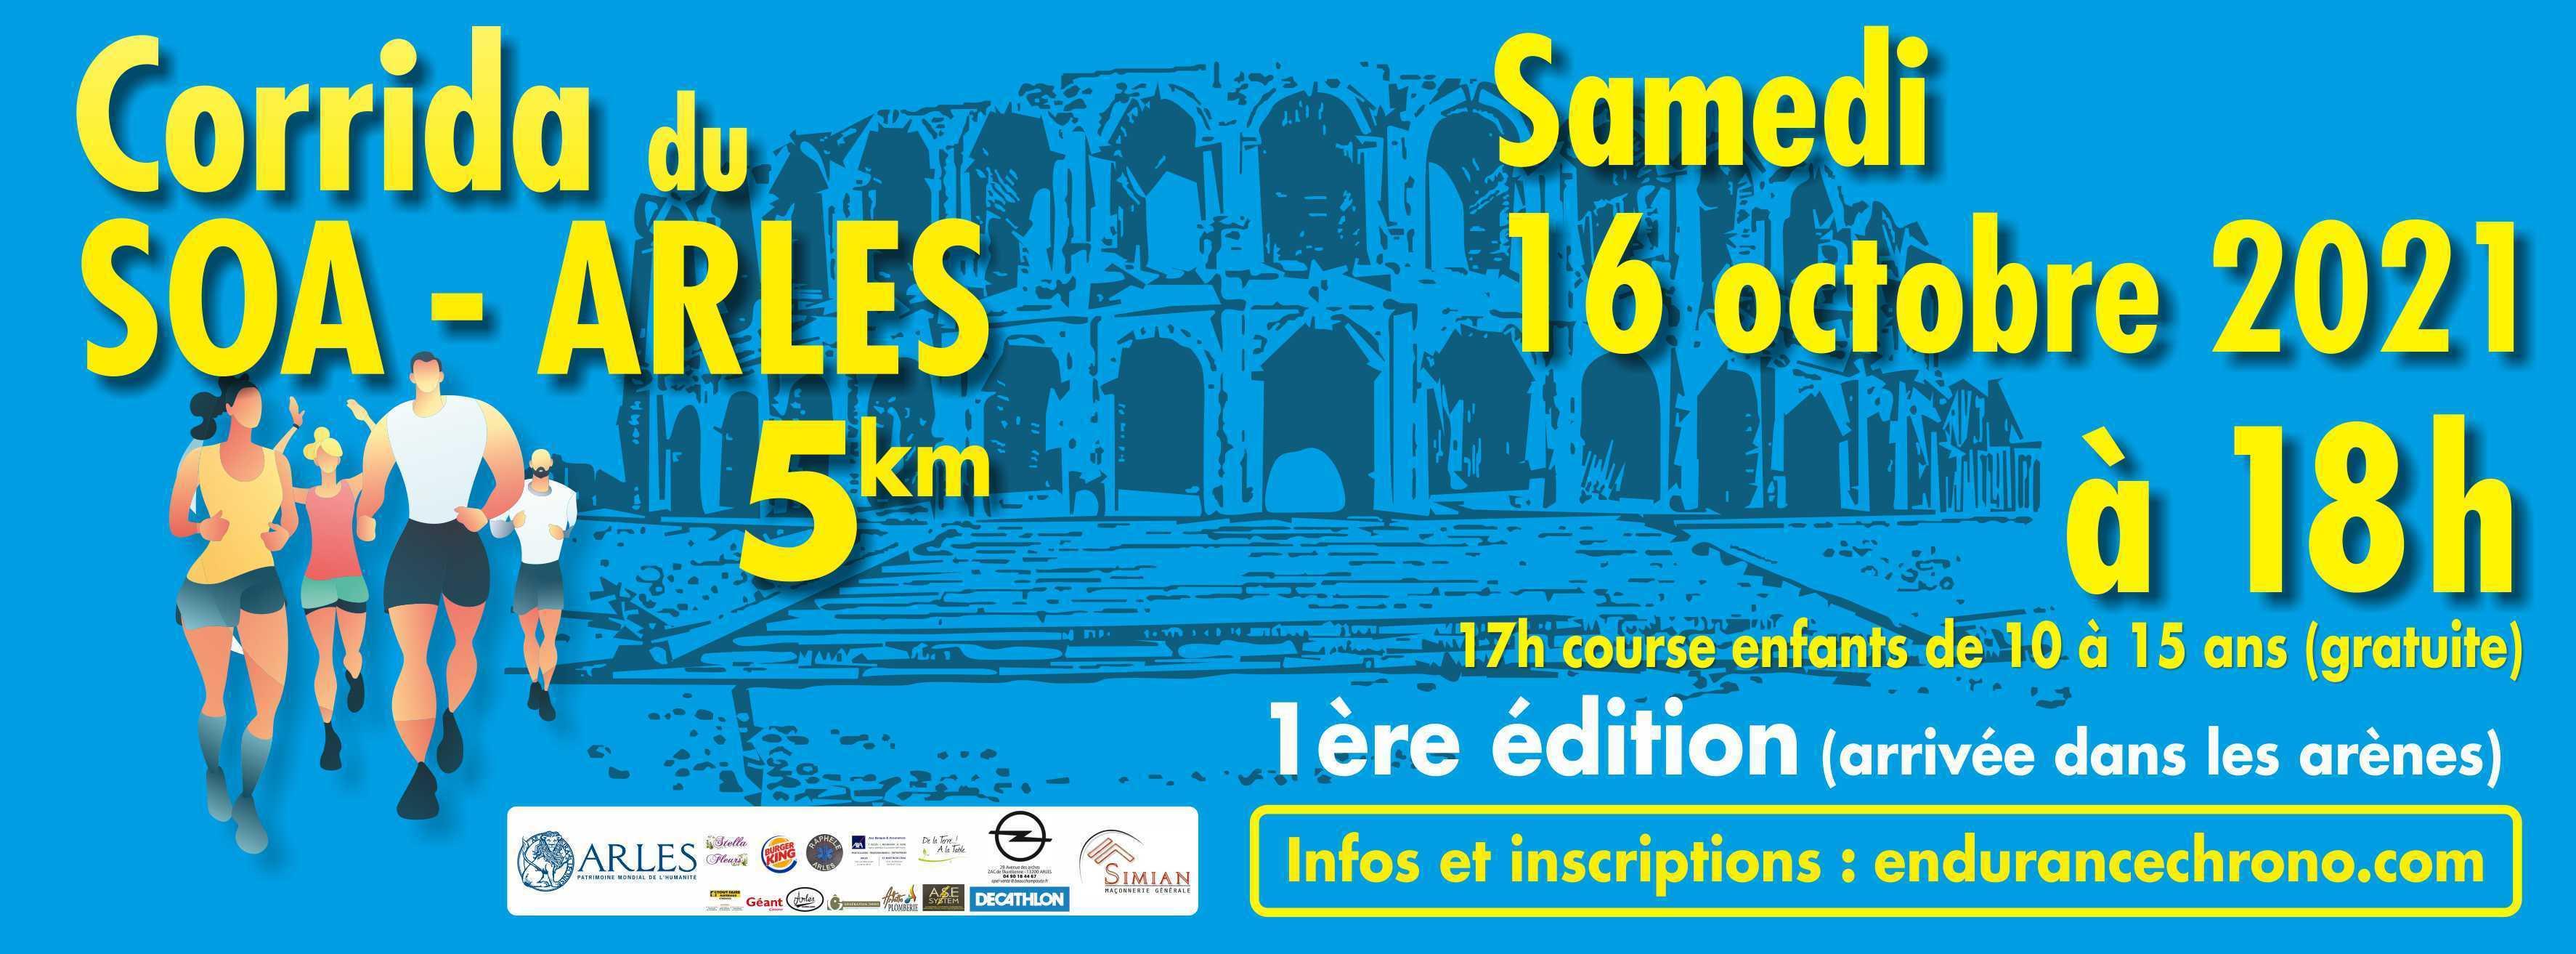 Le SOA organise sa première corrida pédestre, une course de 5 kilomètres.